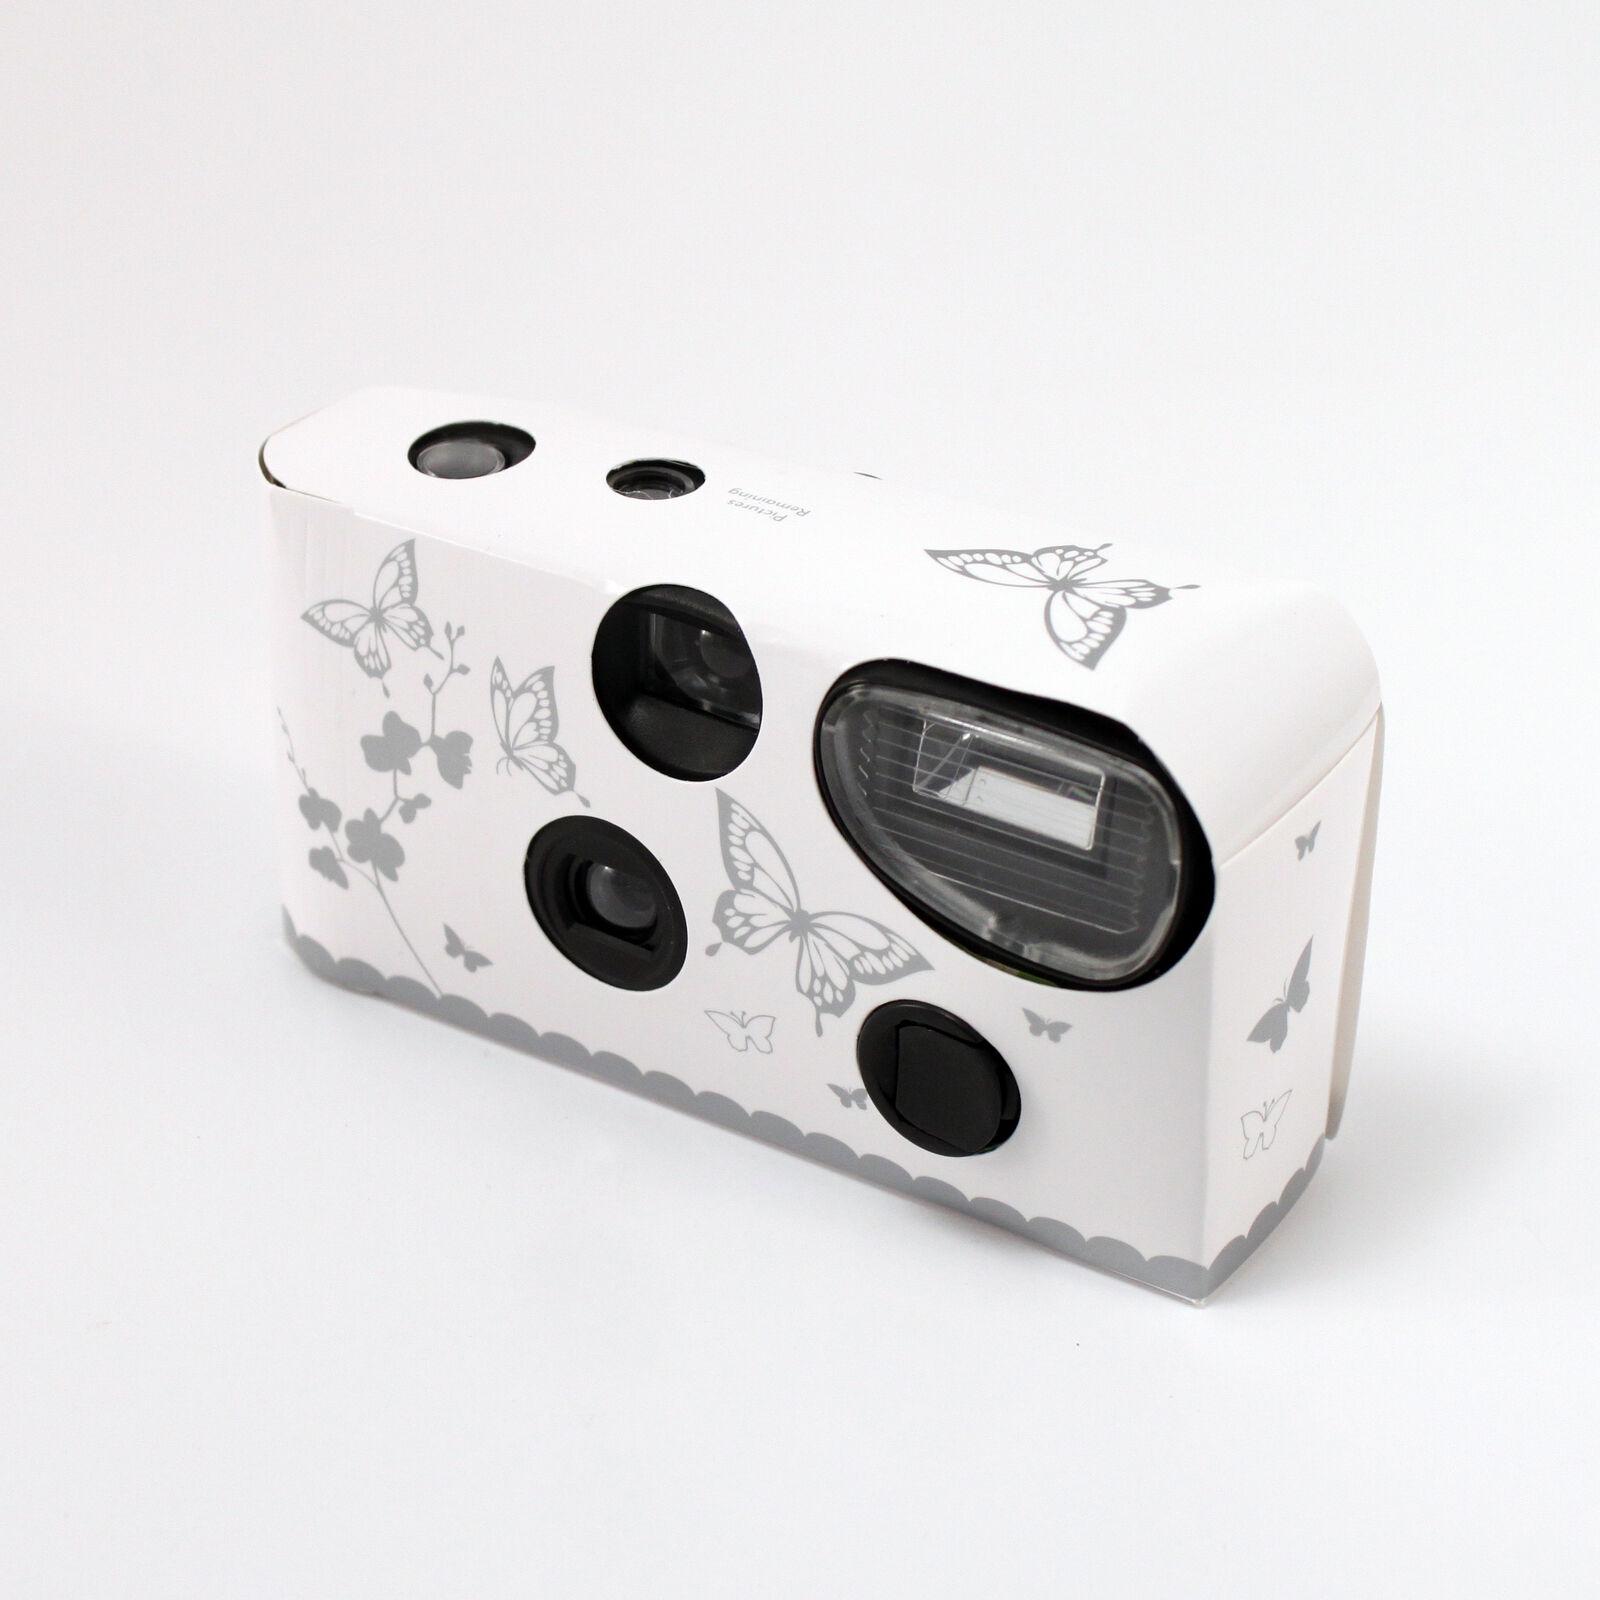 Einwegkamera mit Blitz Weiß und Silber Schmetterling 1,2, 5,8 And 10 Packungen